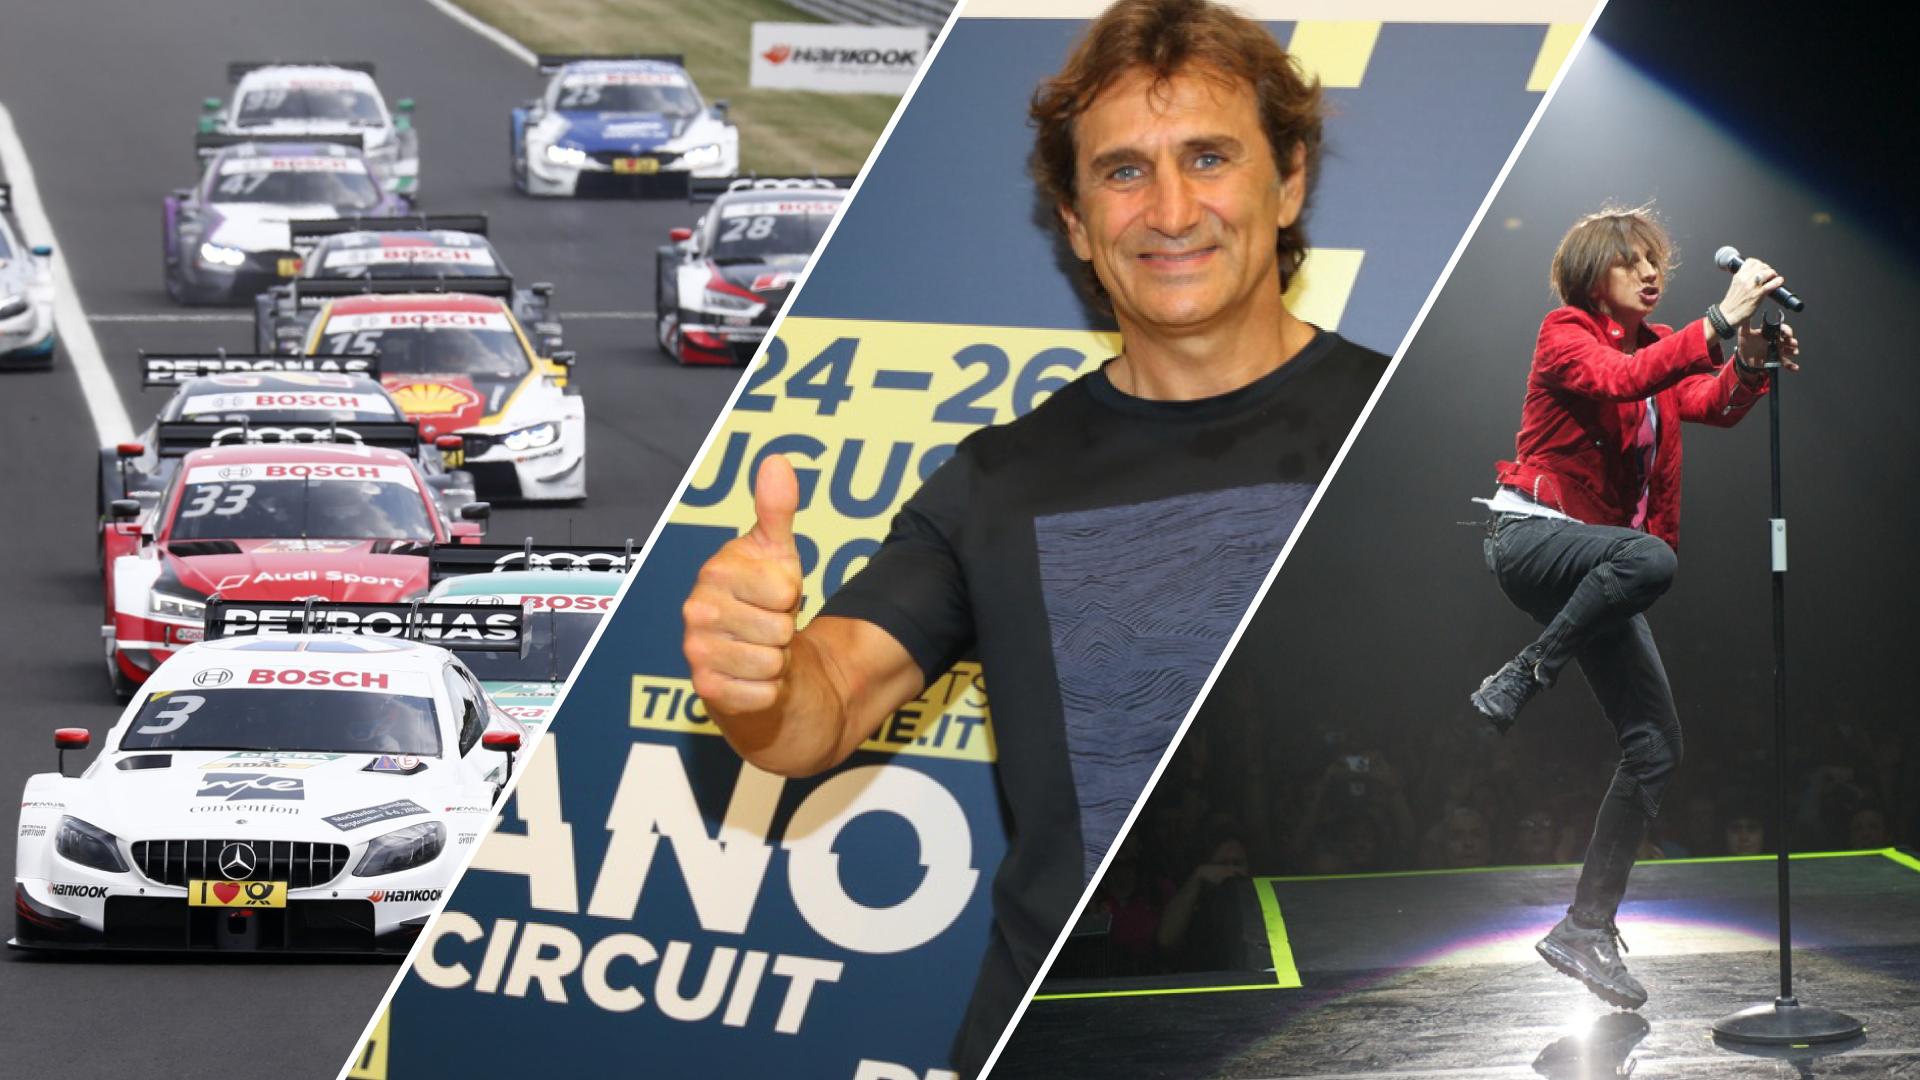 Tutto pronto per il DTM al Misano World Circuit: spettacolo in pista e non solo col concerto di Gianna Nannini.